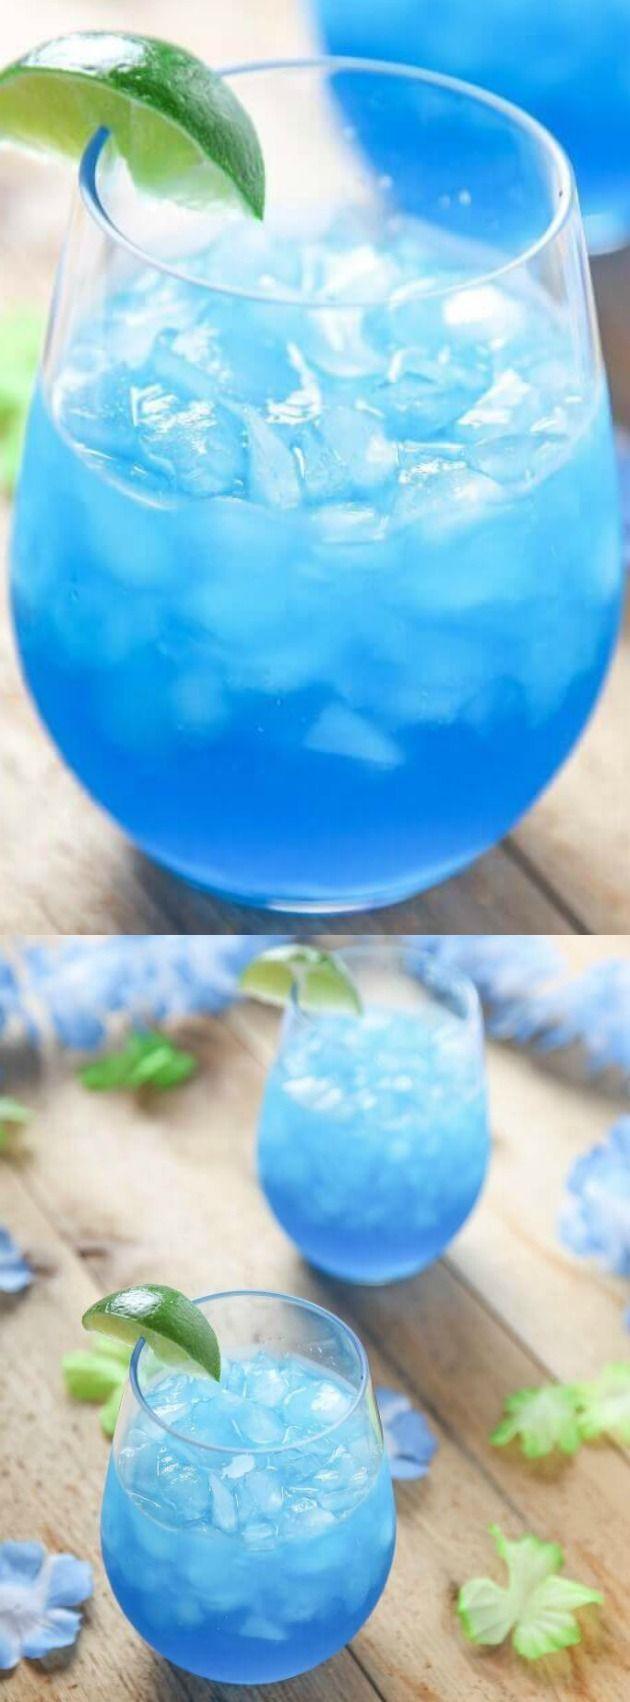 Как сделать коктейль голубая лагуна, рецепт - Рецепты - Wday 15